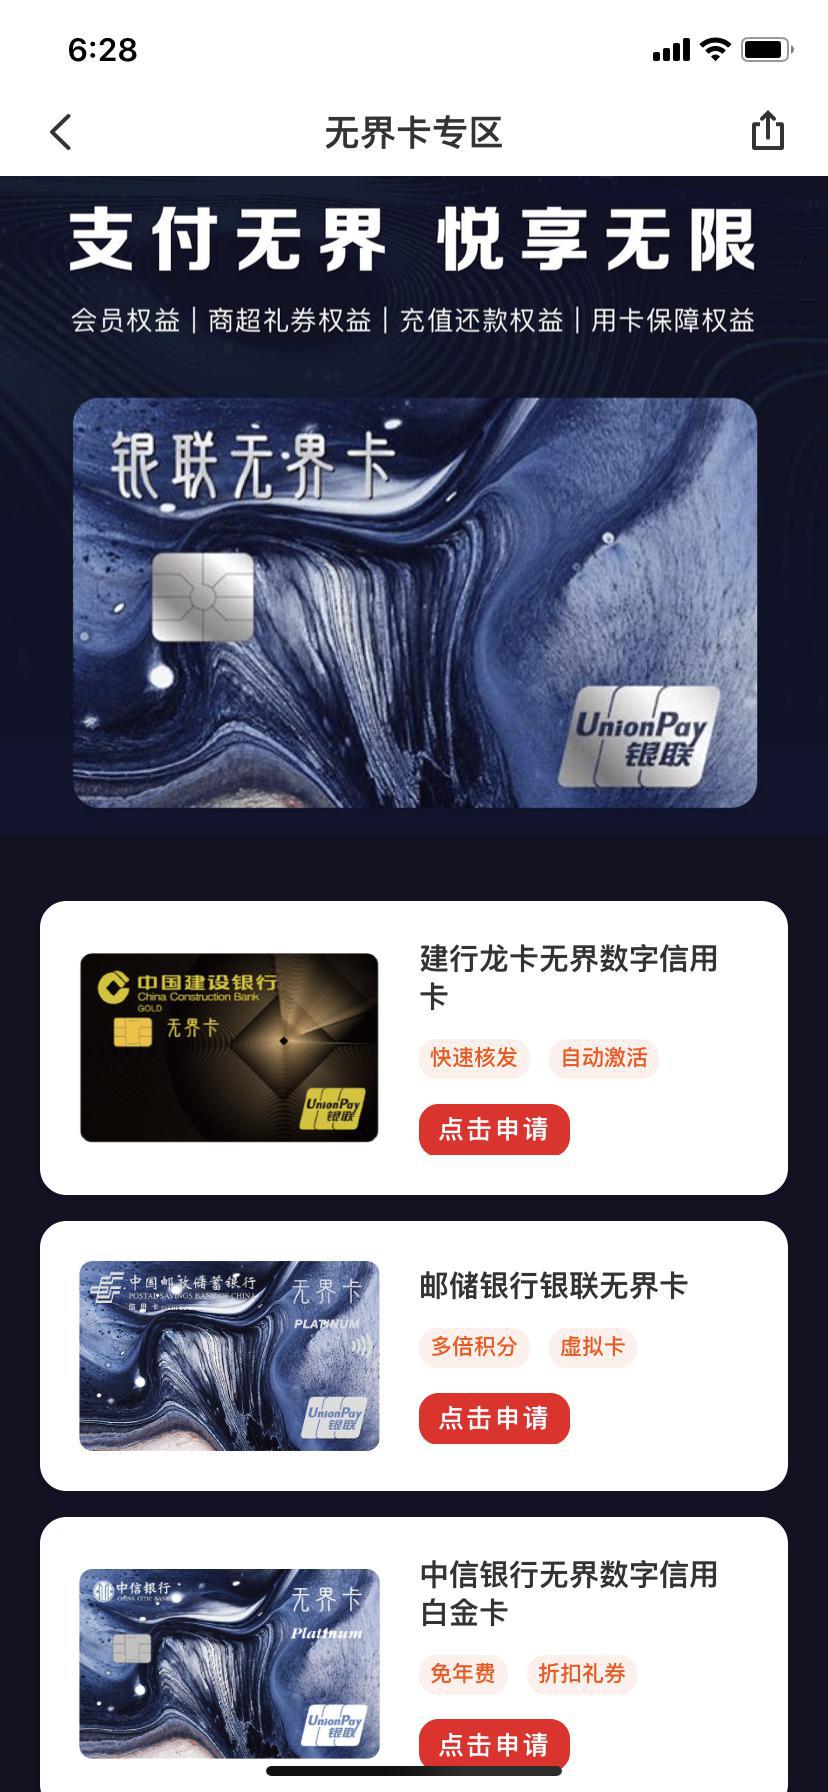 《【超越娱乐登陆注册】数字银行卡来袭 8家银行可网上申请的虚拟卡难办吗》